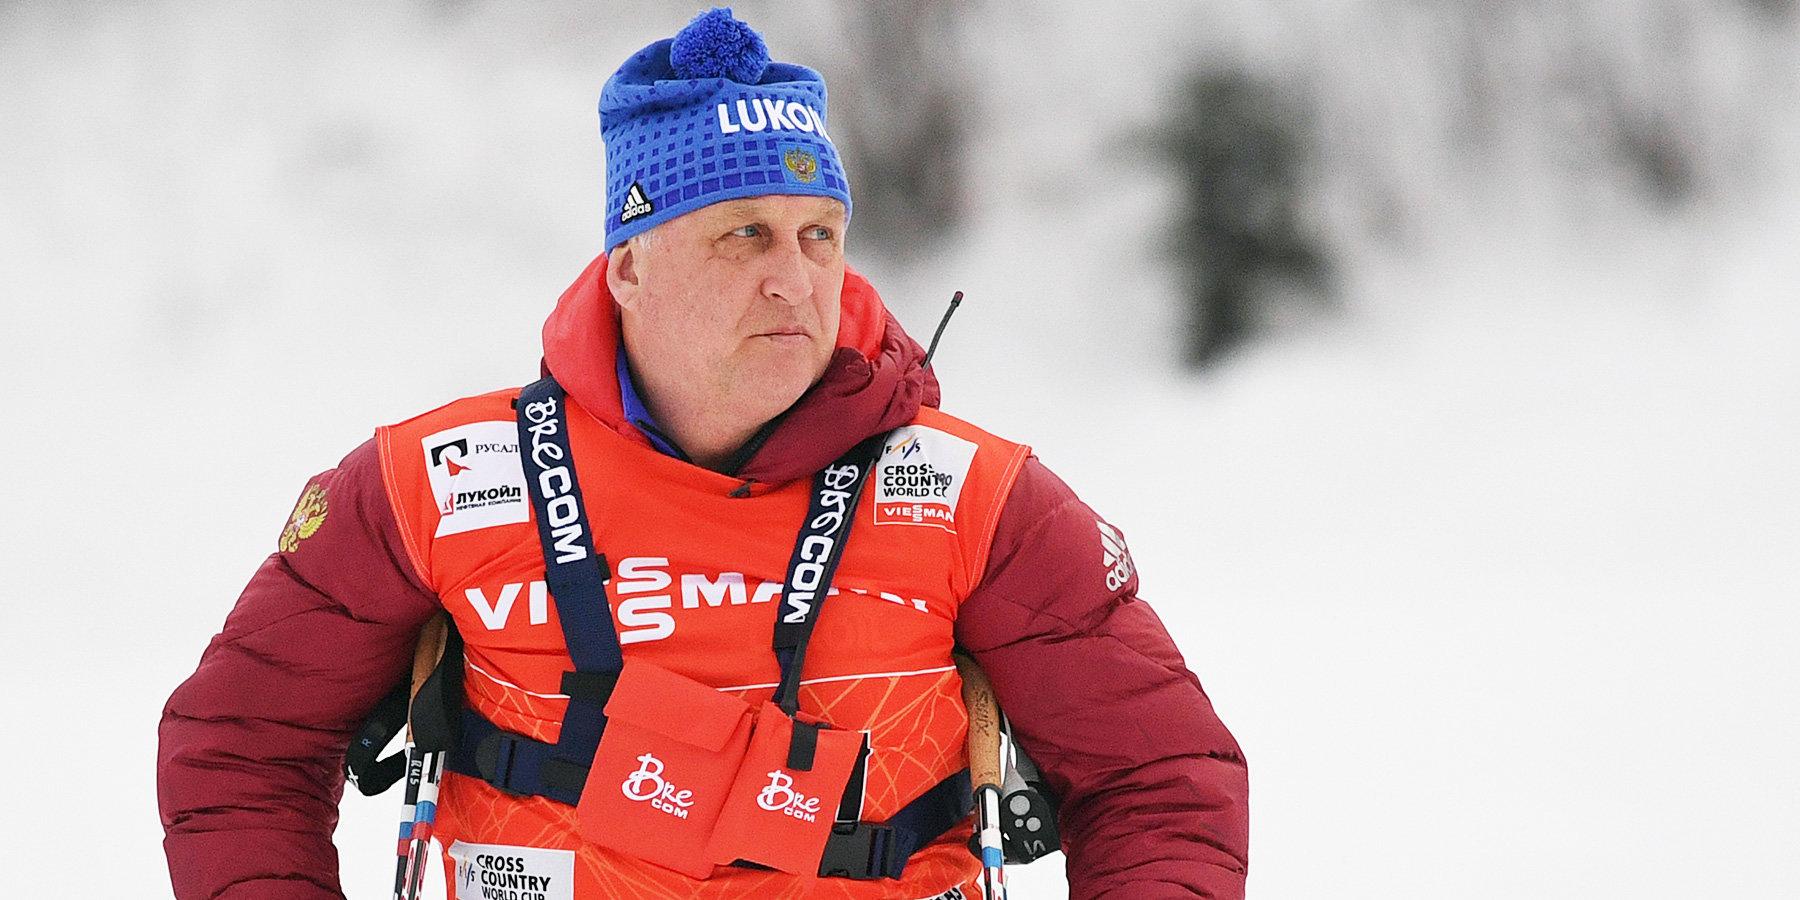 Бородавко назвал терапевтические исключения «лазейкой» в употреблении допинга - фото